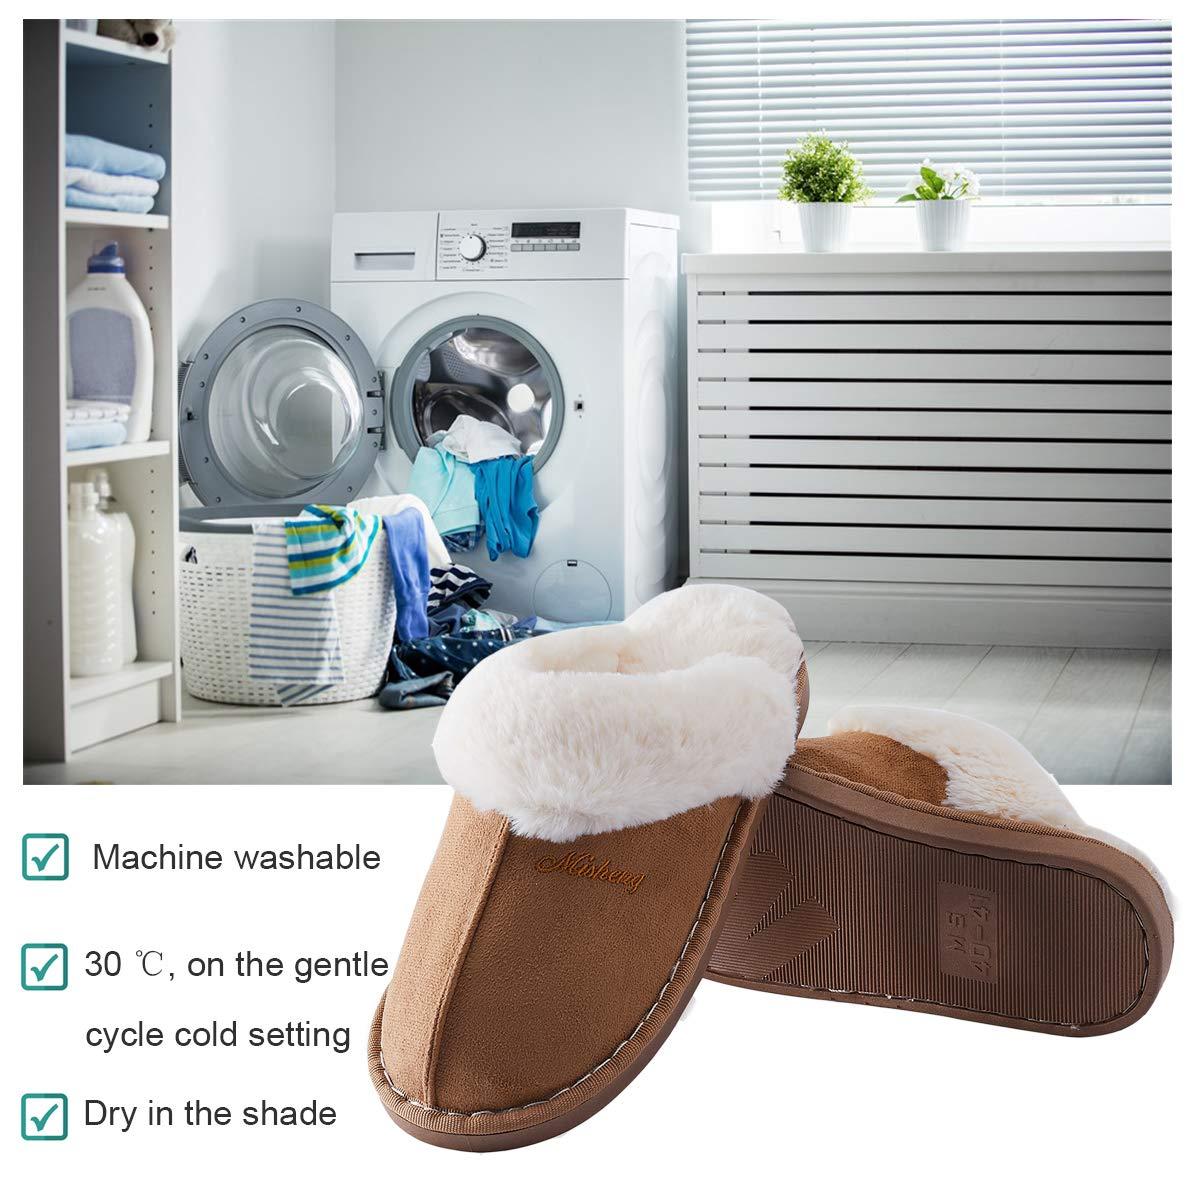 TUONROAD Herren Damen Hausschuhe Winter Plüsch Warm Pantoffeln Freizeit Anti-Skid Home Schuhe 40/41 EU, Braun